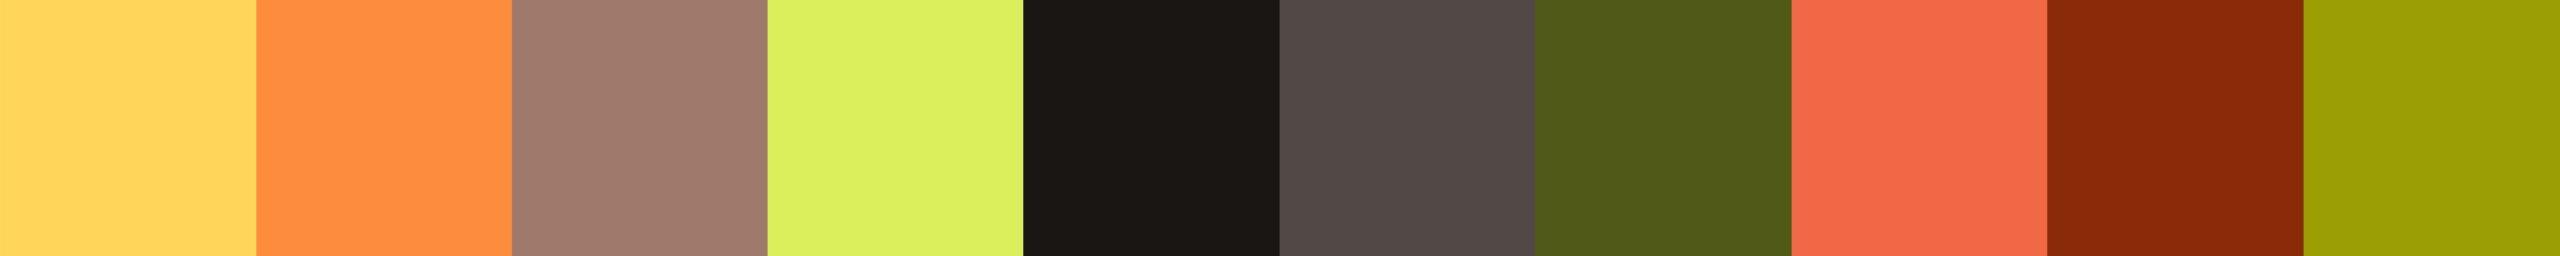 214 Ziolakea Color Palette